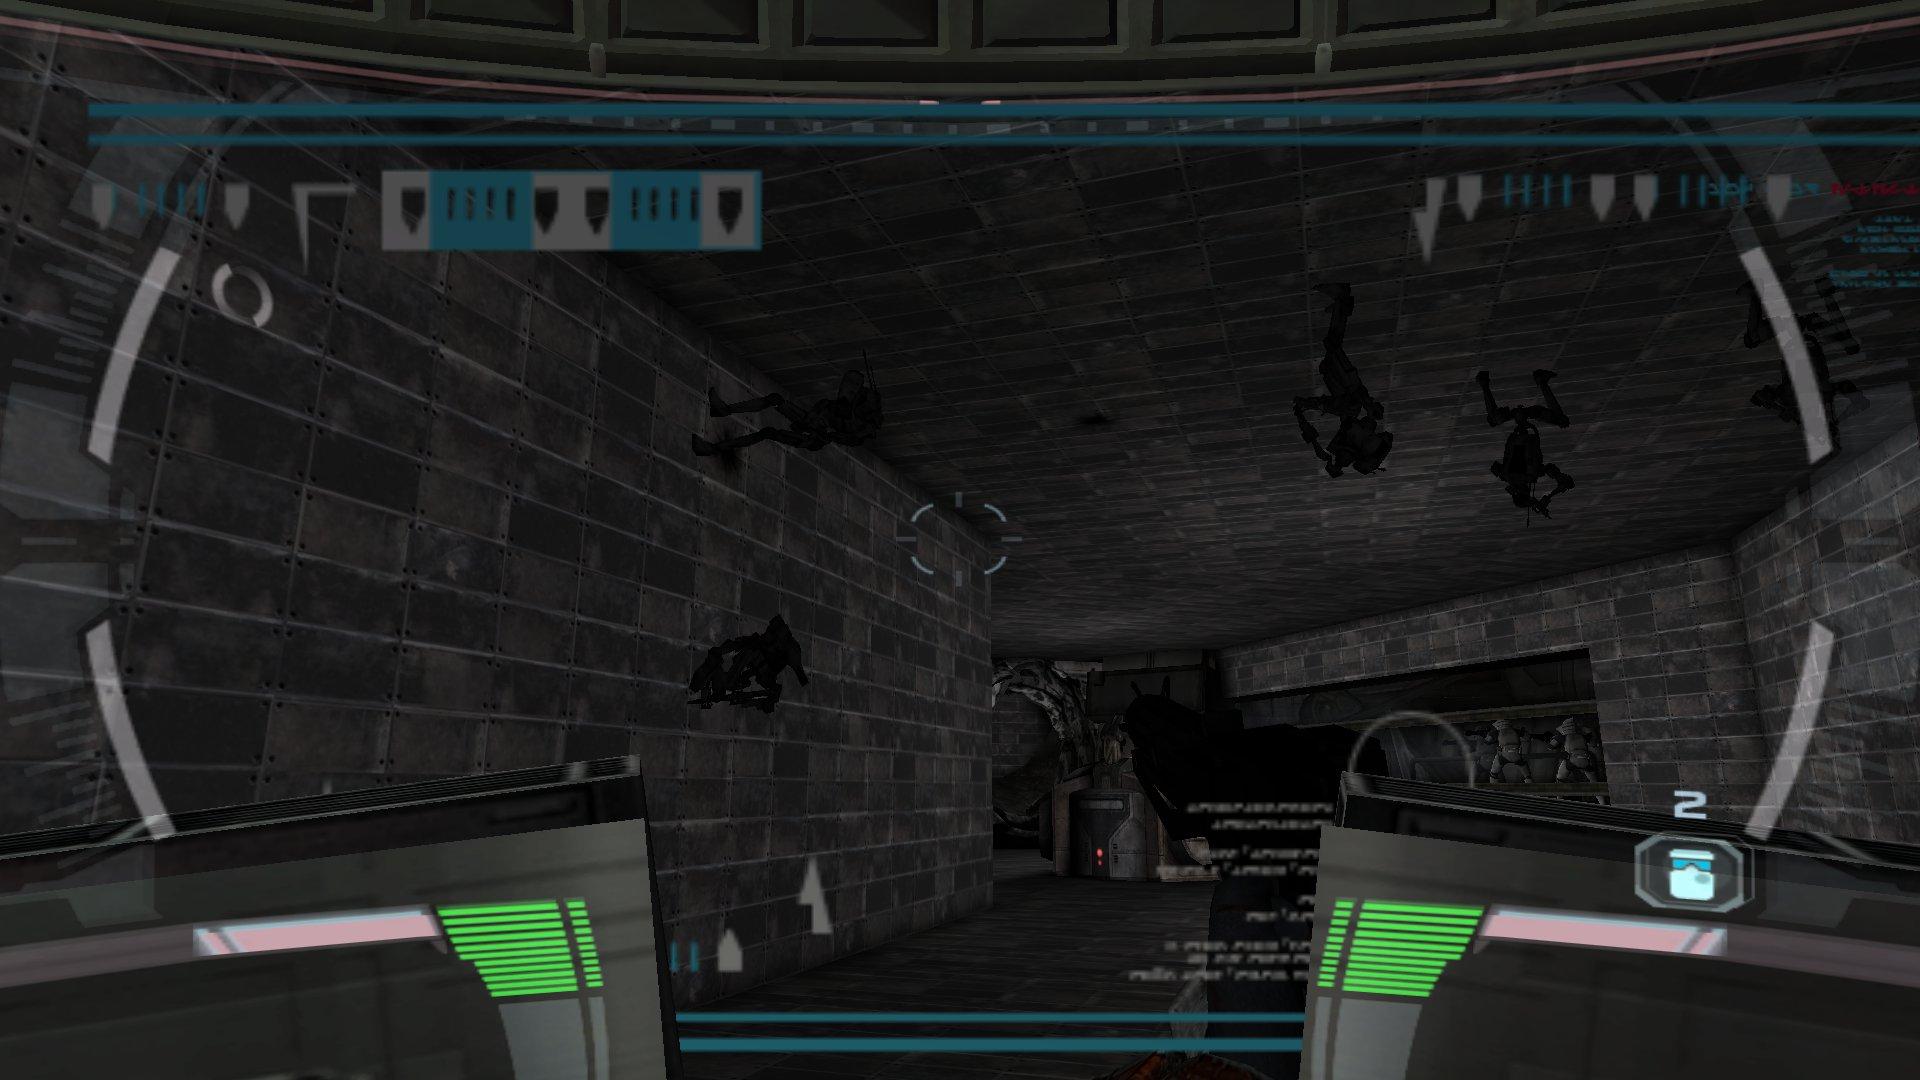 Wallpaper Set Image Republic Commando Victor 3 Mod For Star